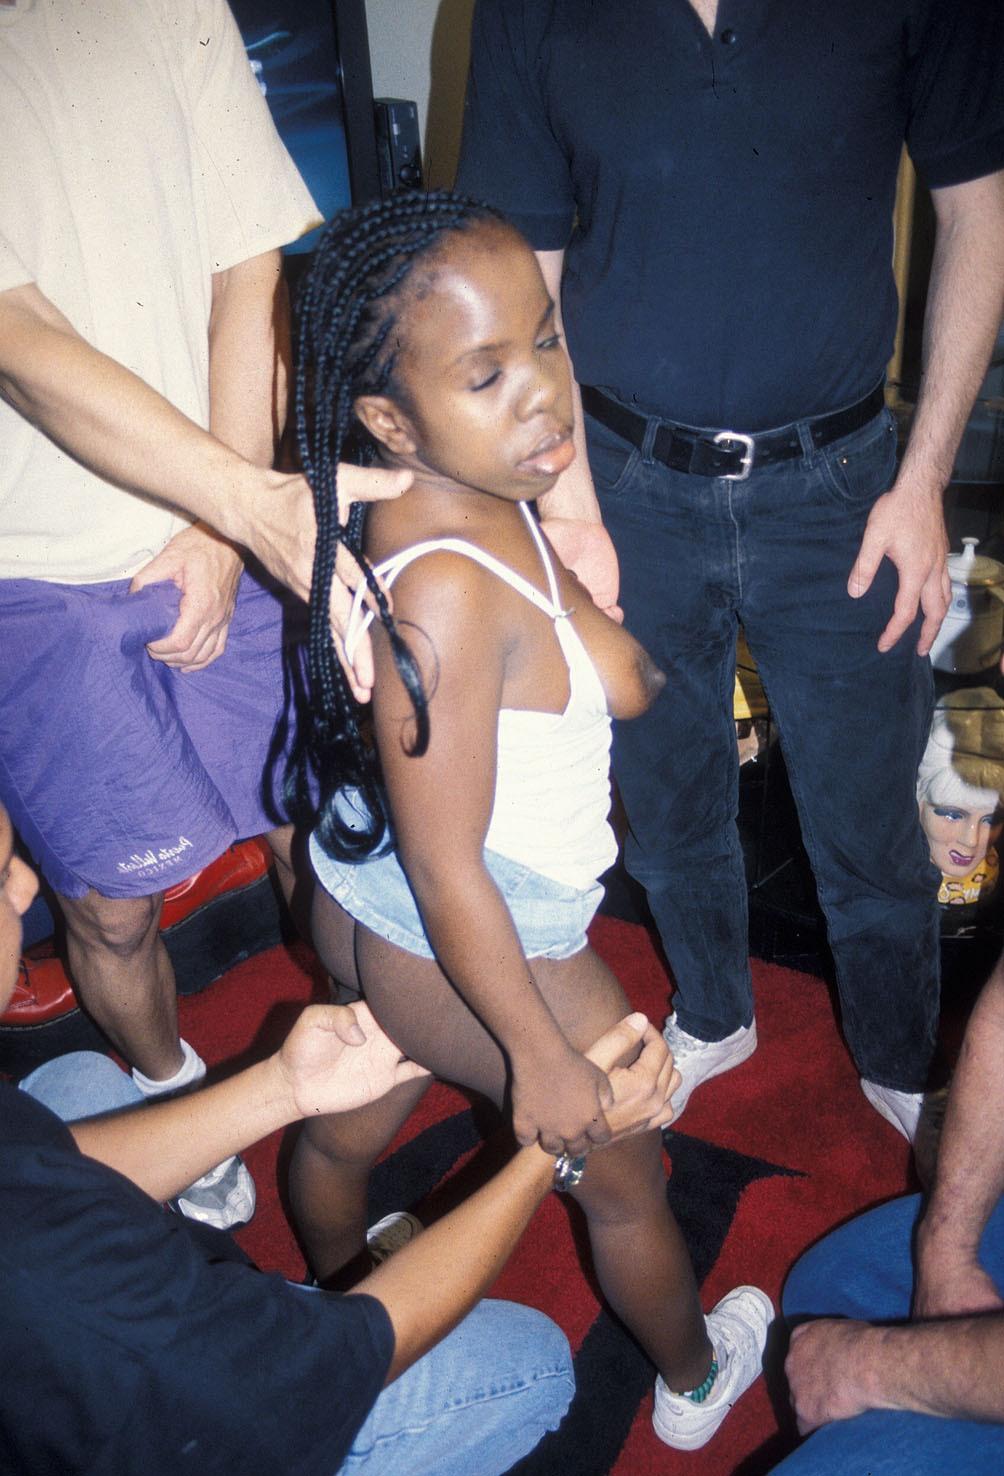 Sexy ebony black midget women pics